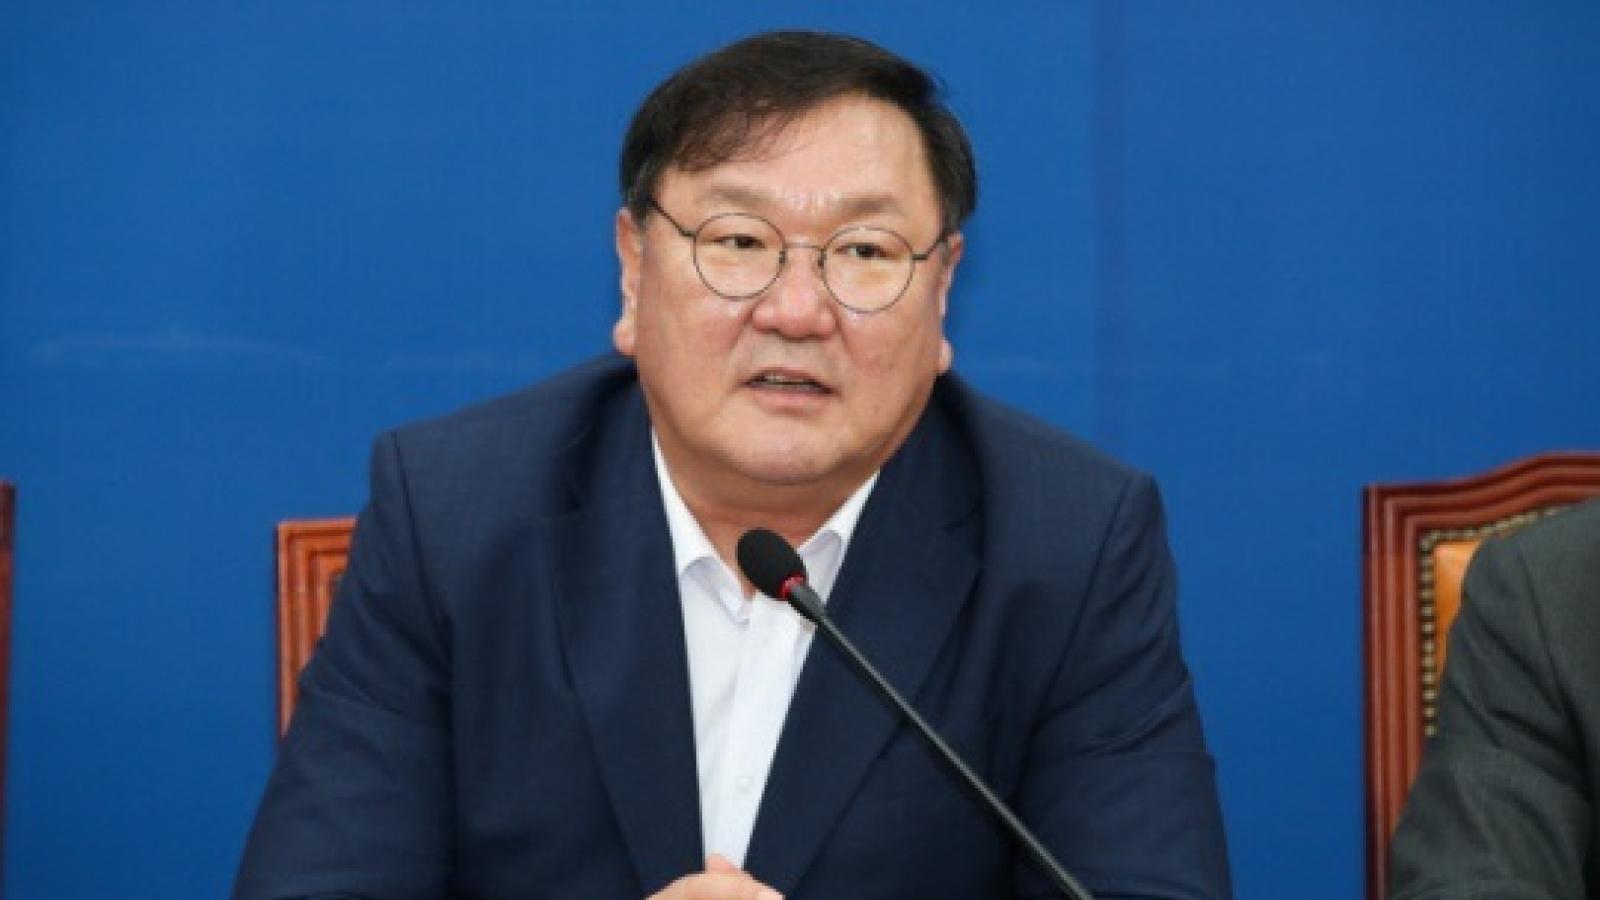 Ban lãnh đạo đảng cầm quyền Hàn Quốc đồng loạt từ chức